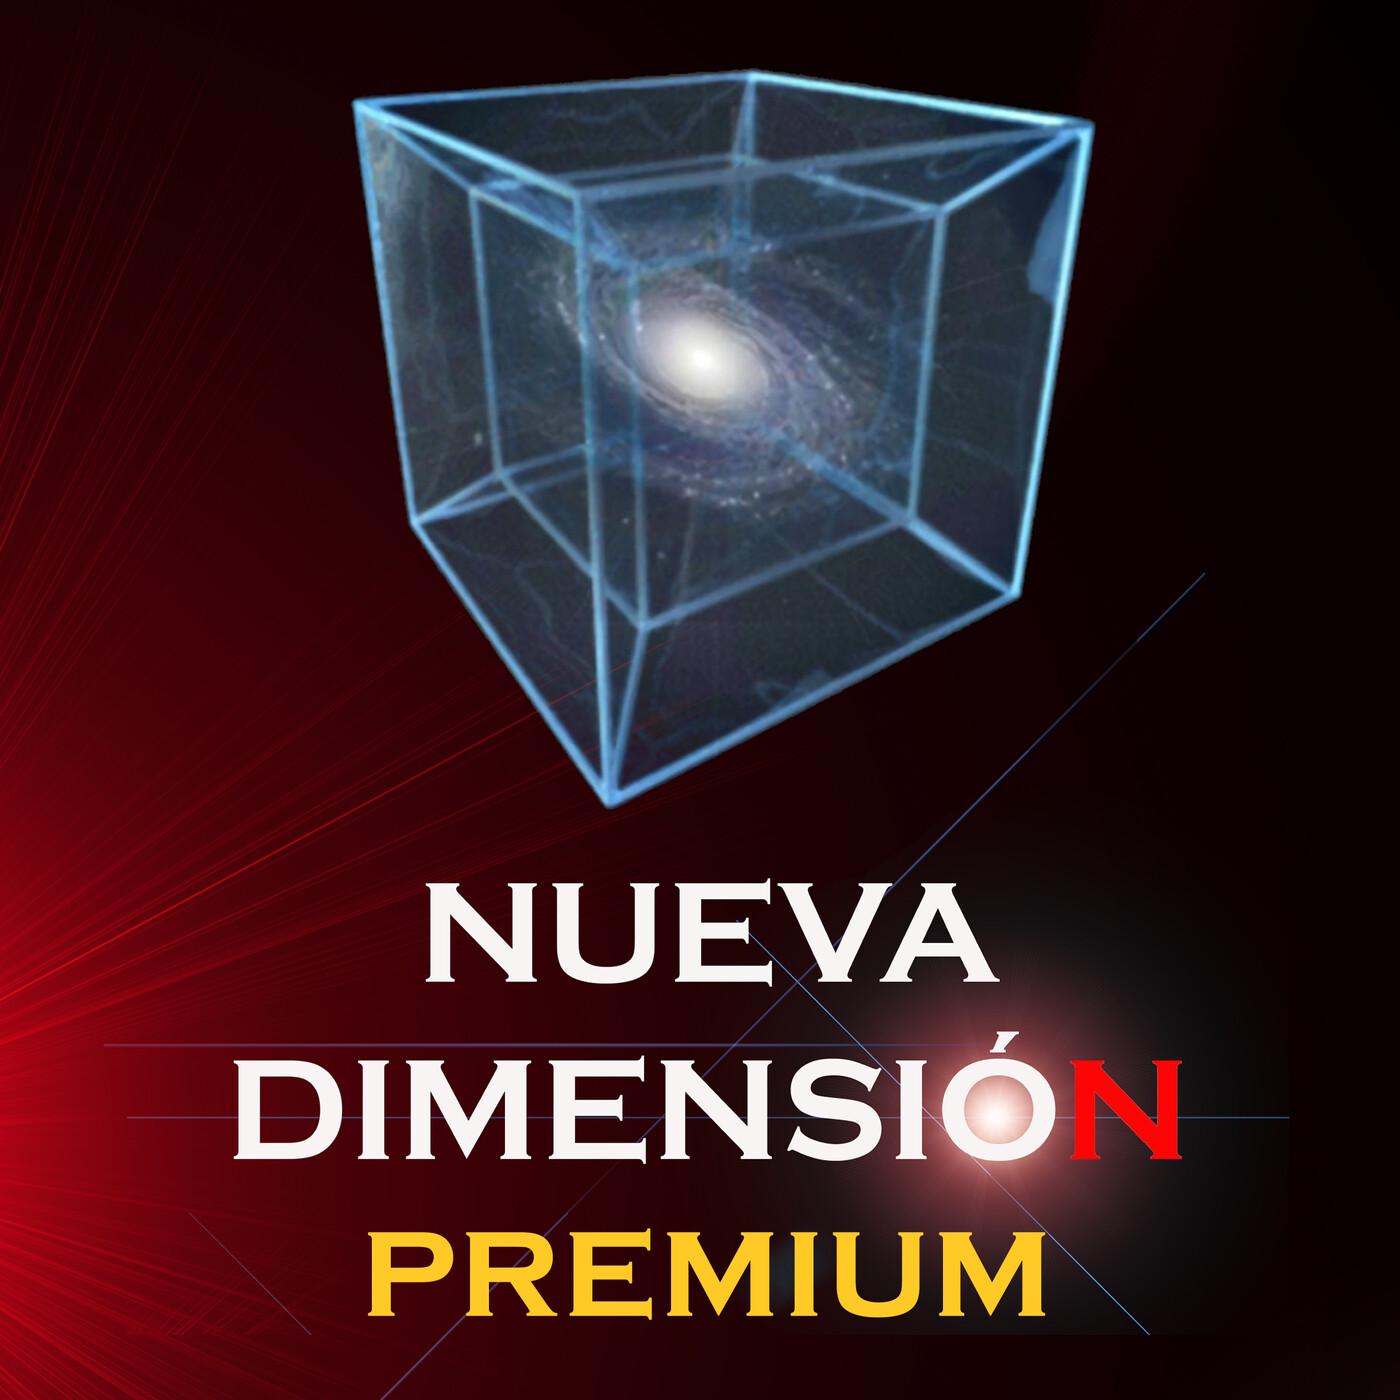 NUEVA DIMENSIÓN PREMIUM - (20x5)